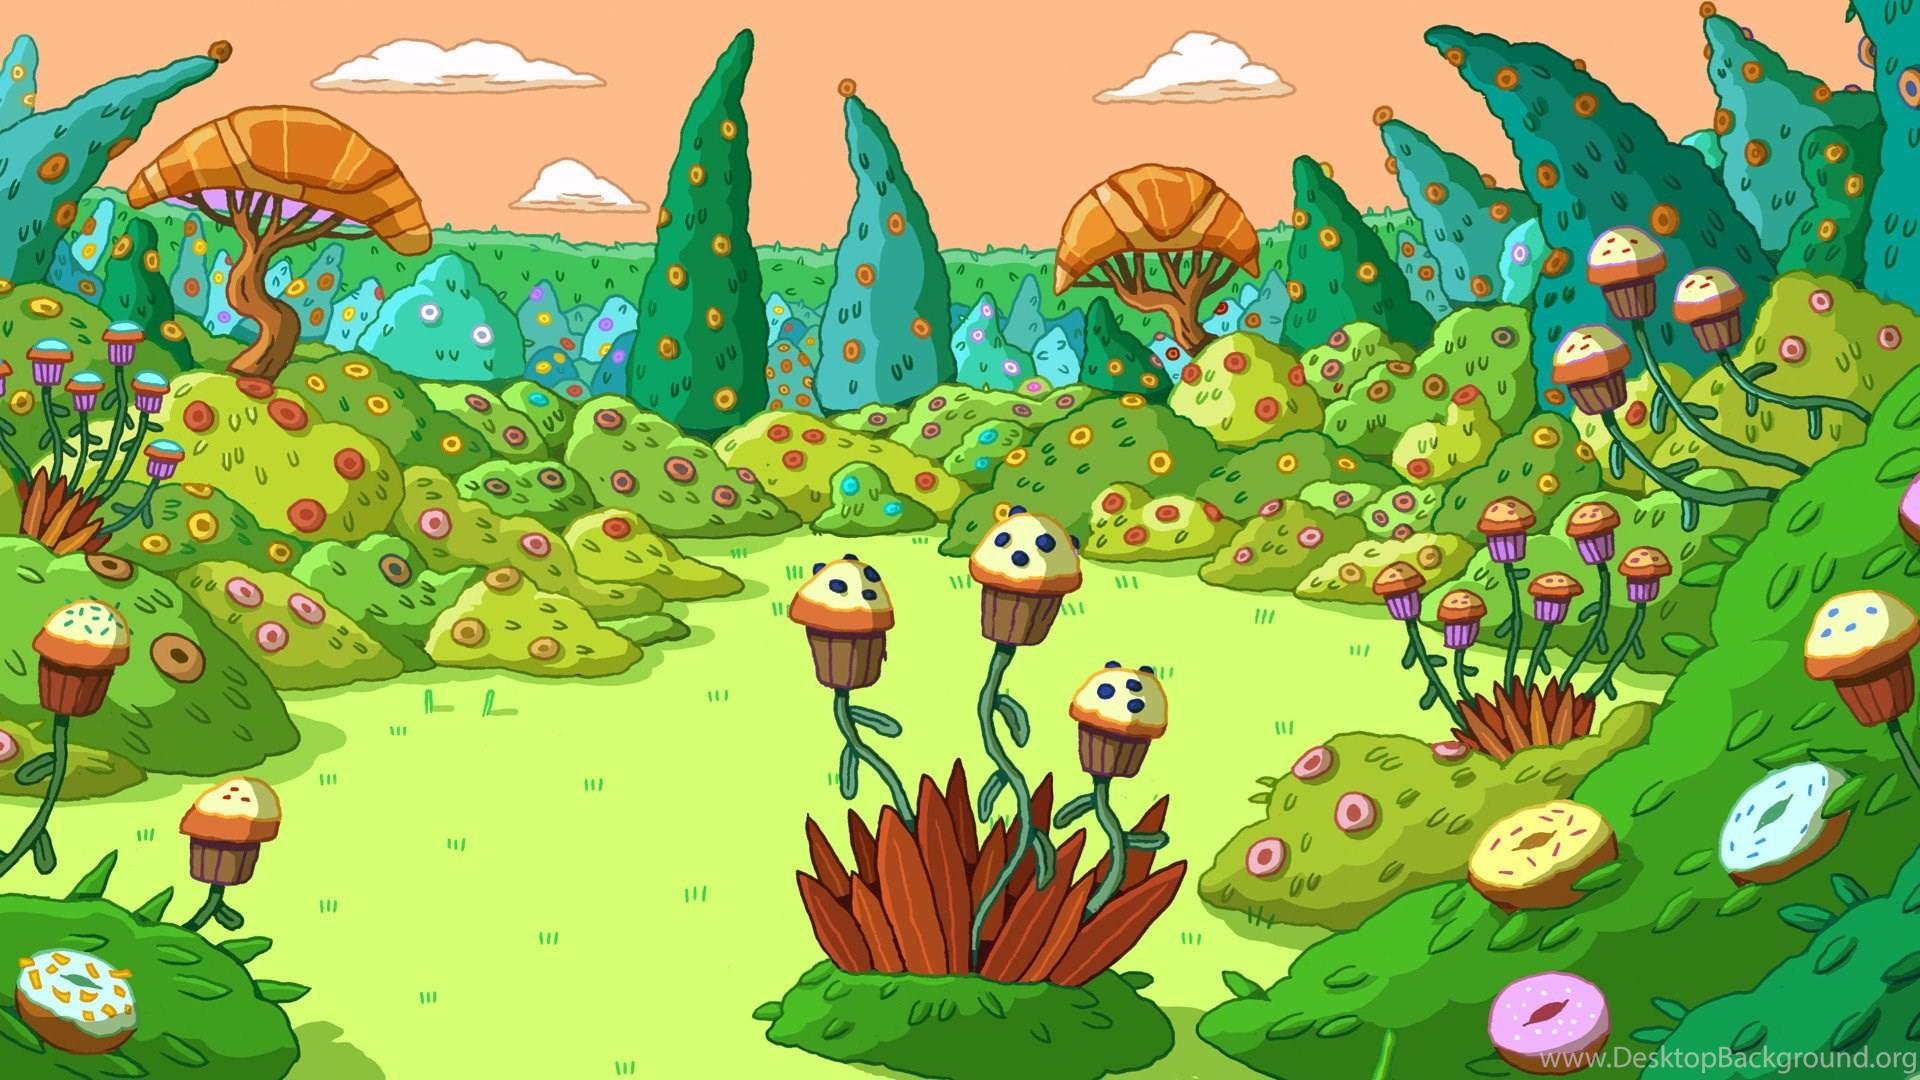 Adventure Time Desktop Background (86+ images)